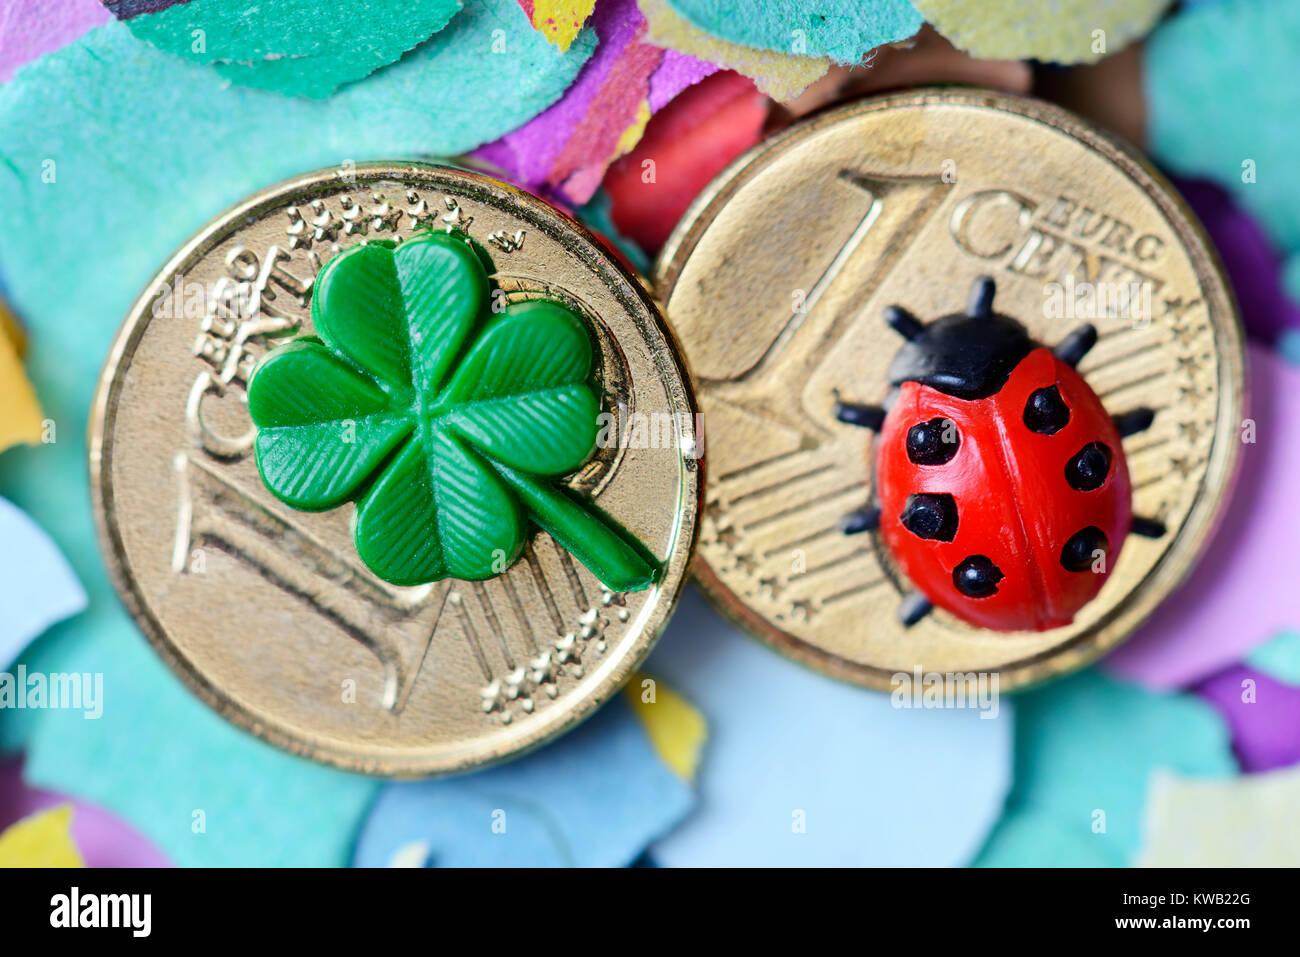 Luck bringer on one-cent coins, turn of the year, Glücksbringer auf Ein-Cent-Münzen, Jahreswechsel, Gluecksbringer - Stock Image